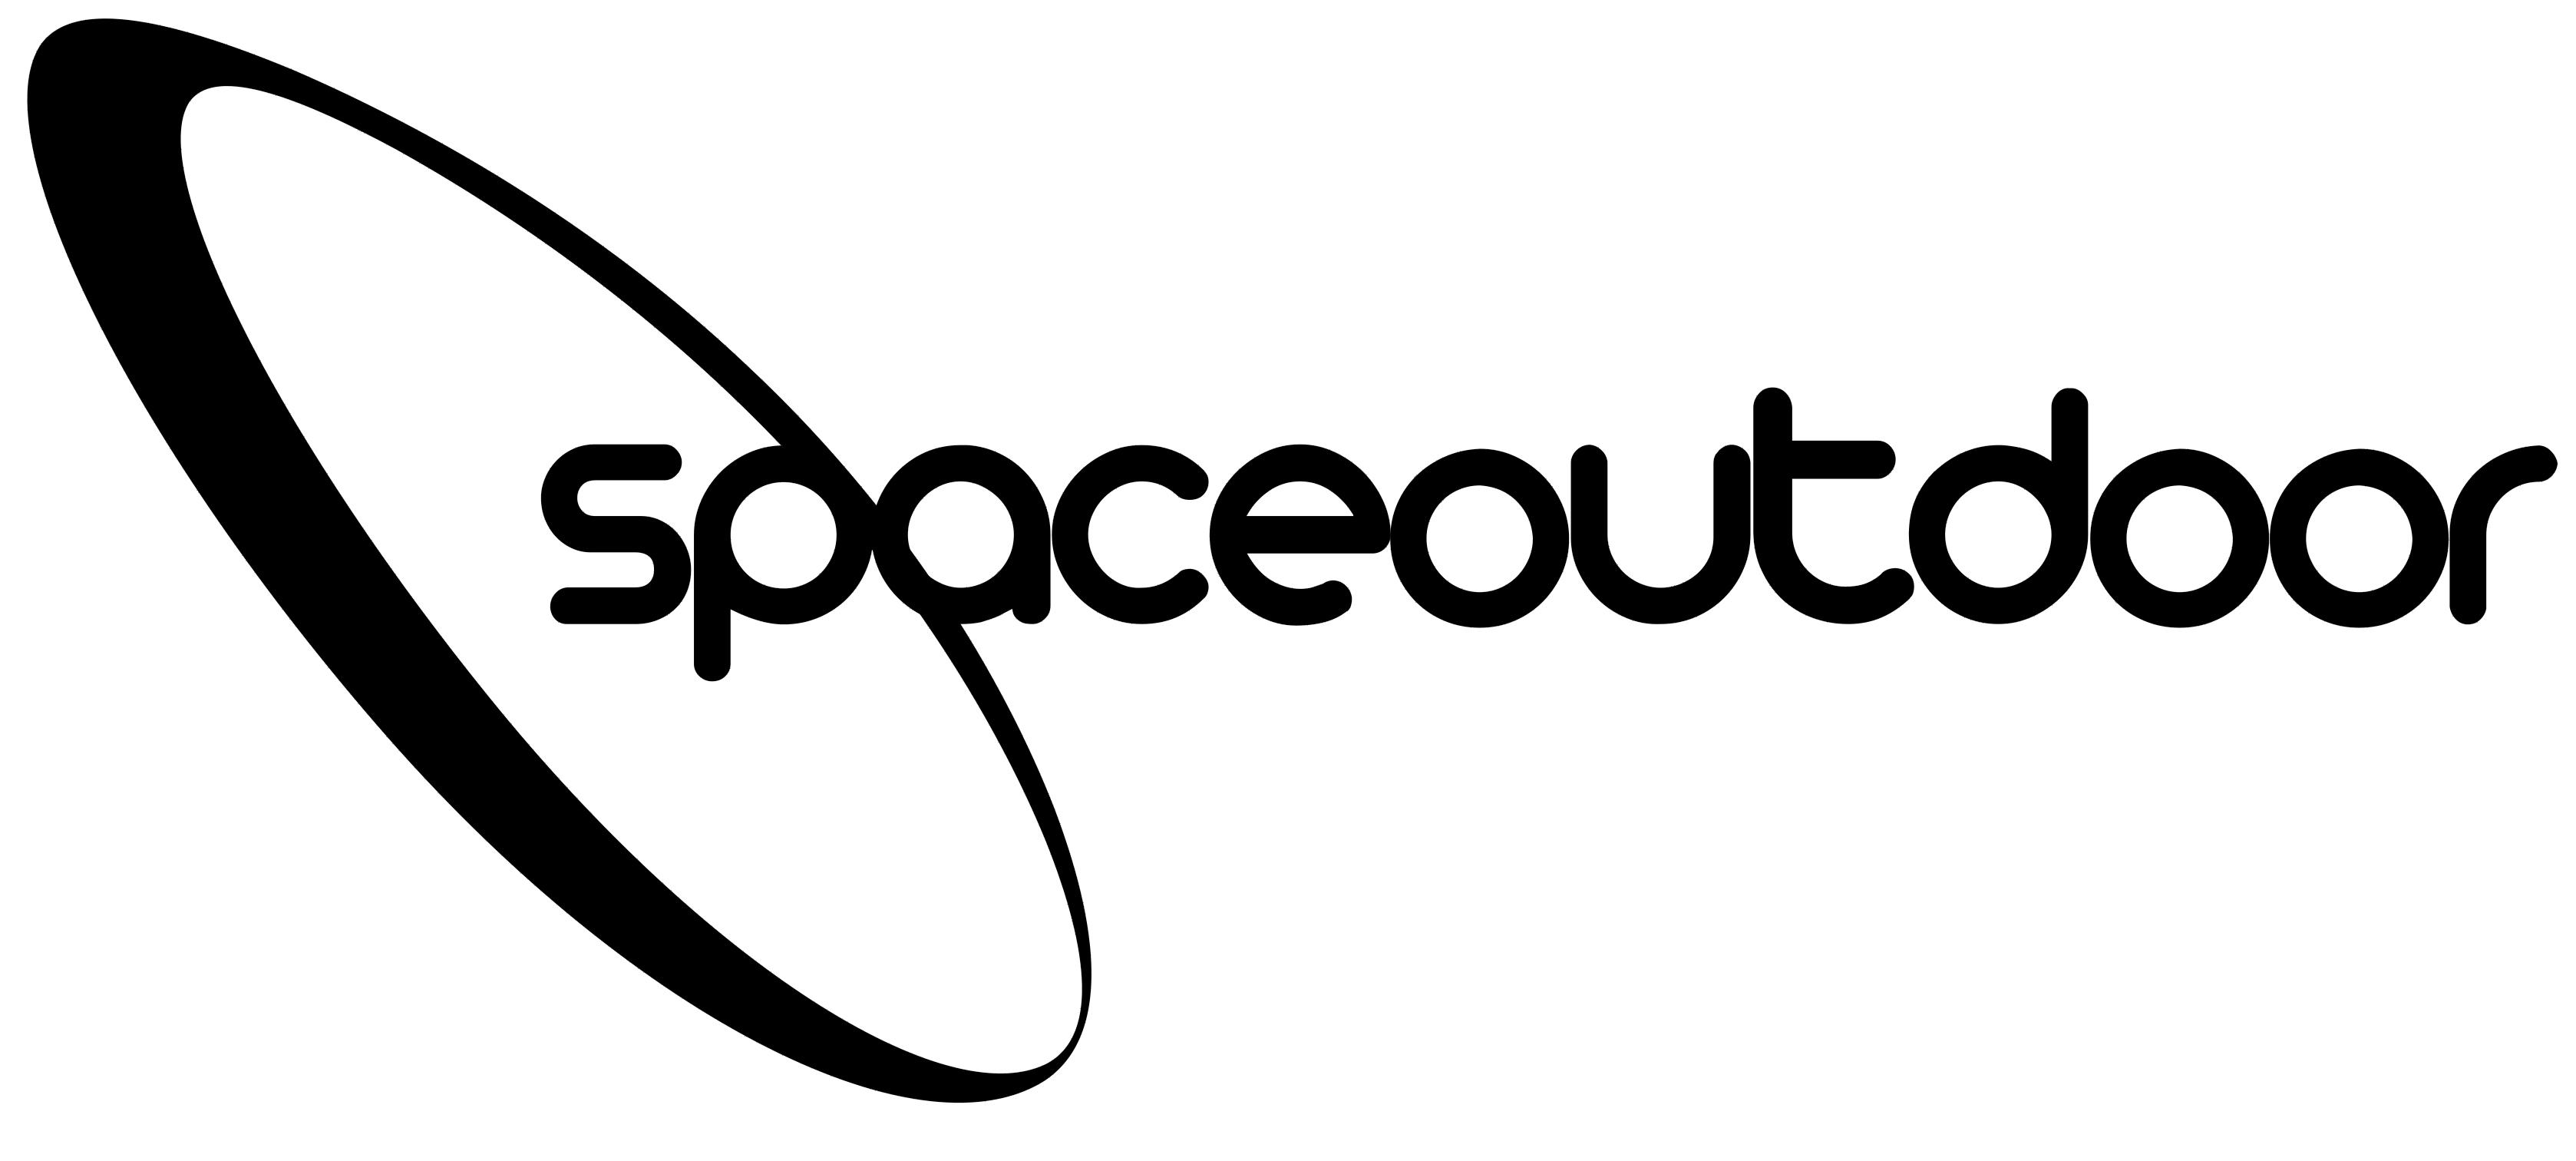 space outdoor logo